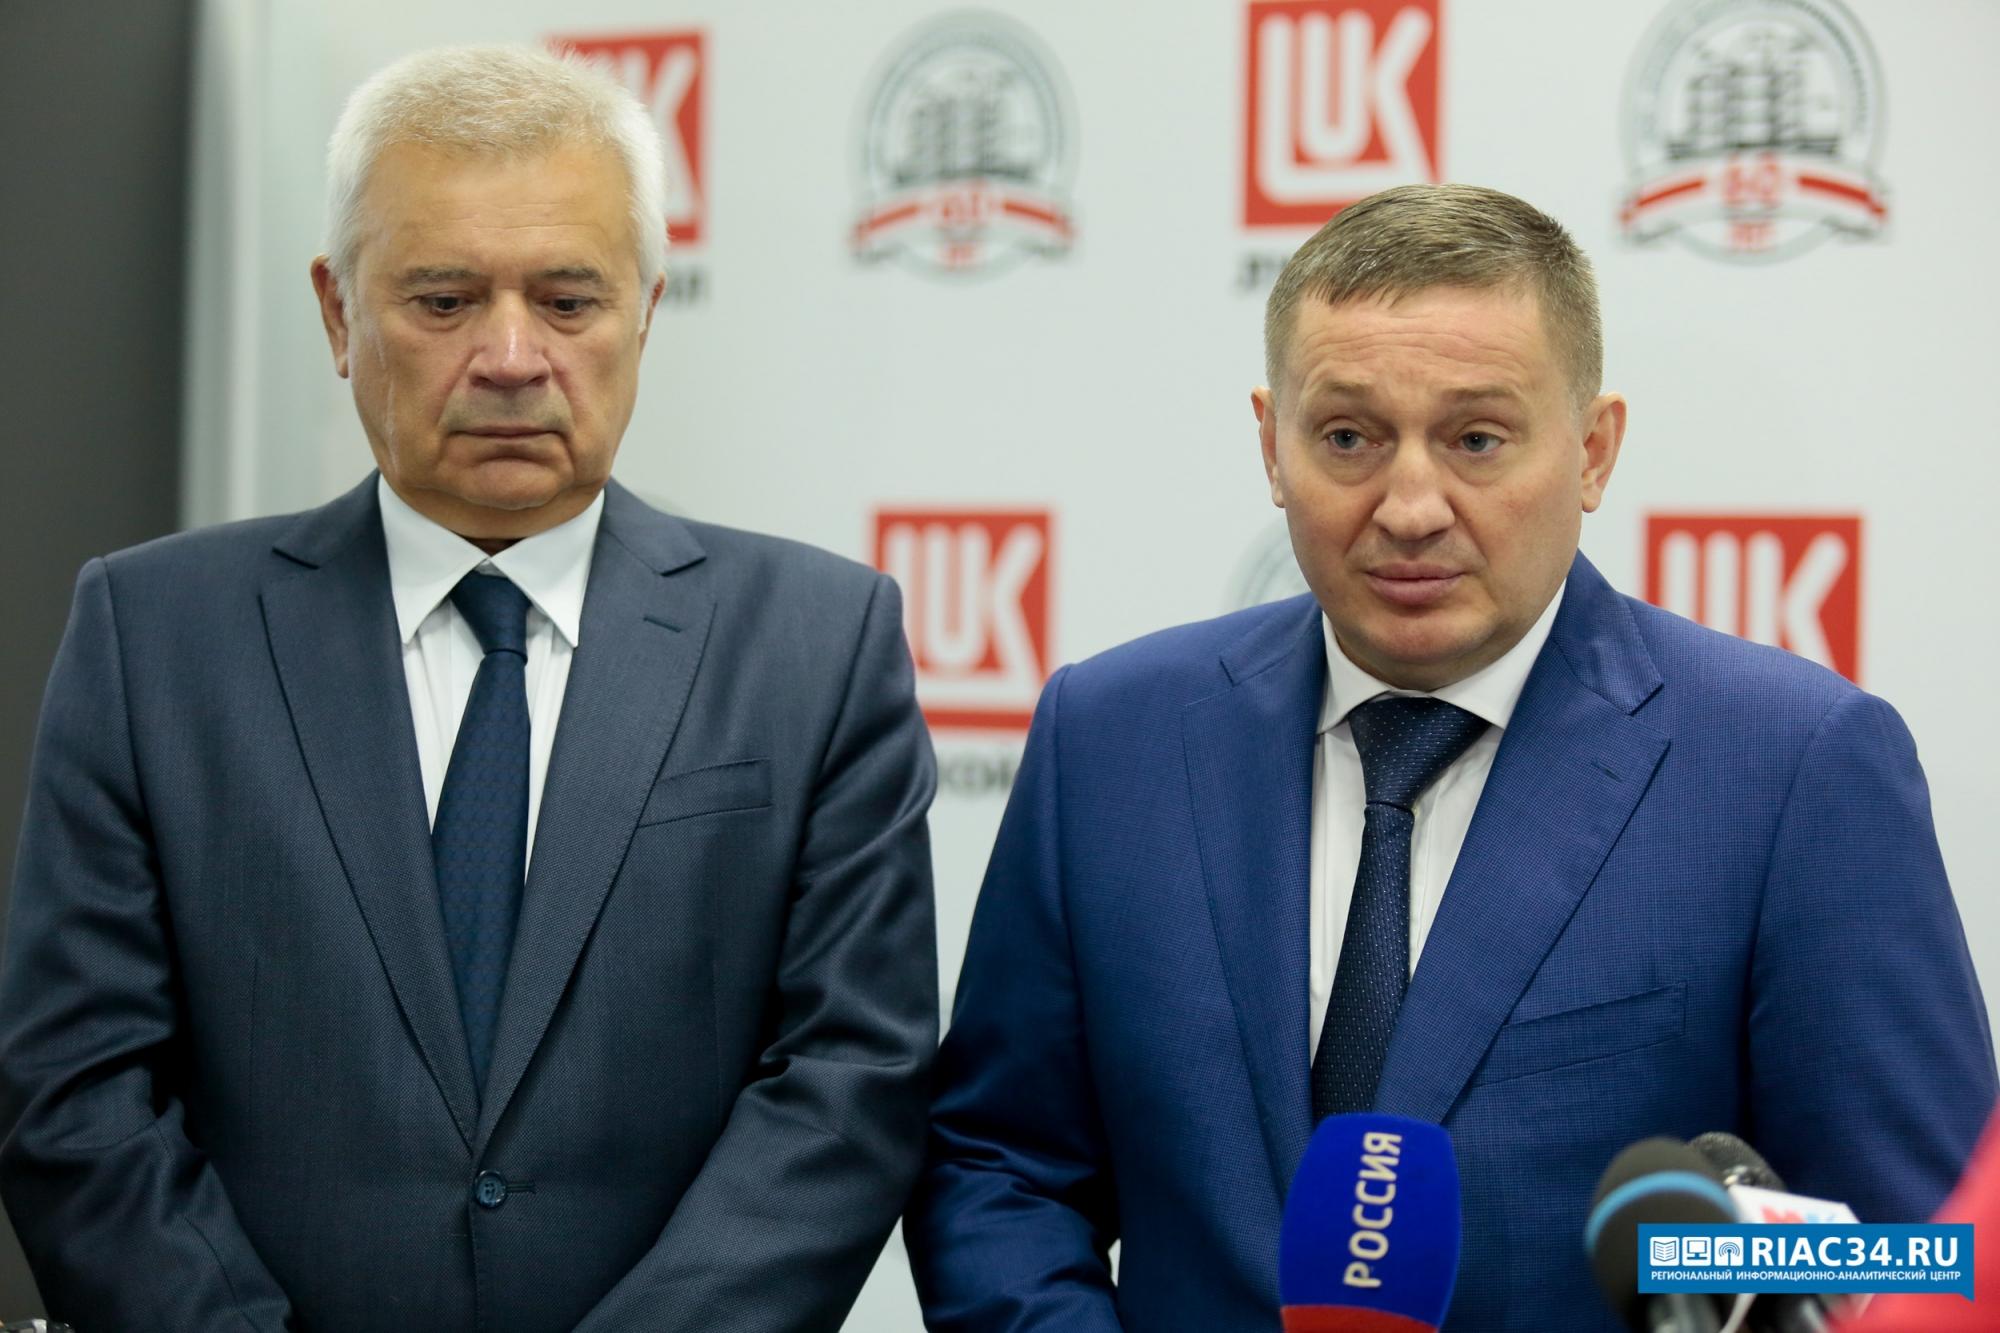 Губернатор Волгоградской области проводит совещание втепличных условиях